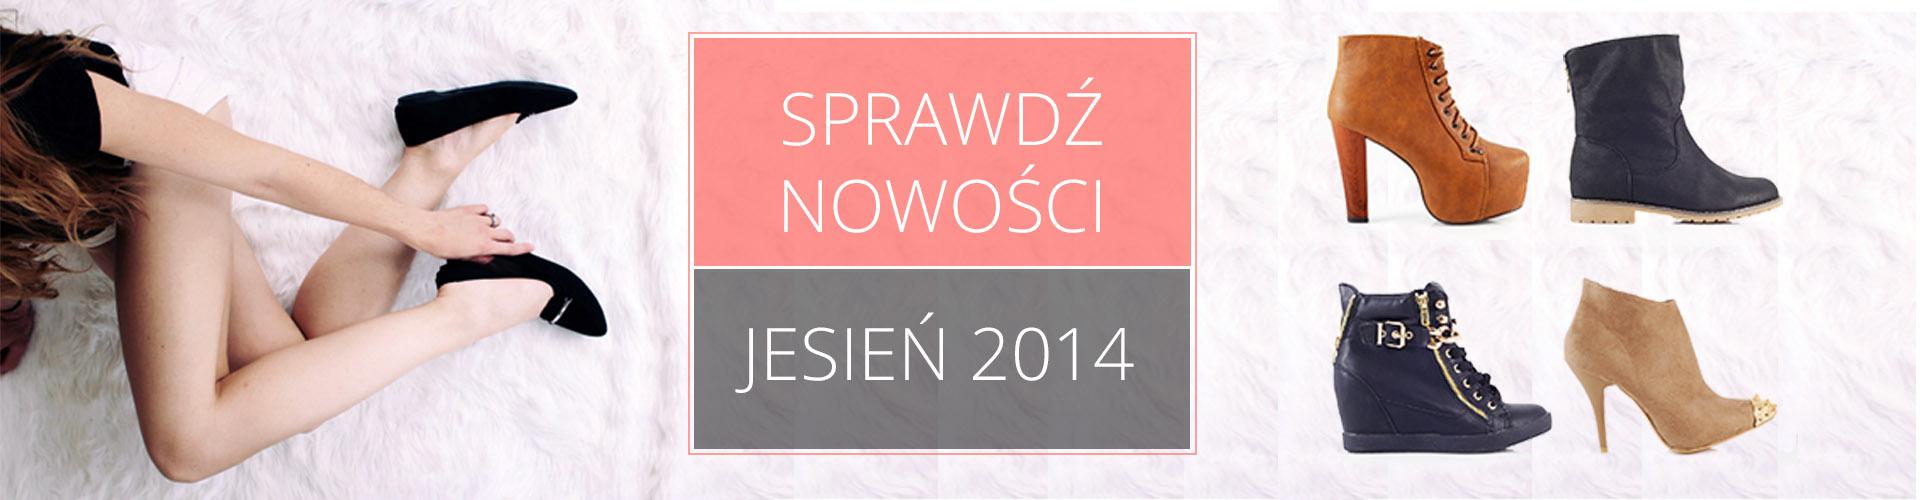 Modne buty damskie, torebki i akcesoria w atrakcyjnych cenach - BOOTSY.pl